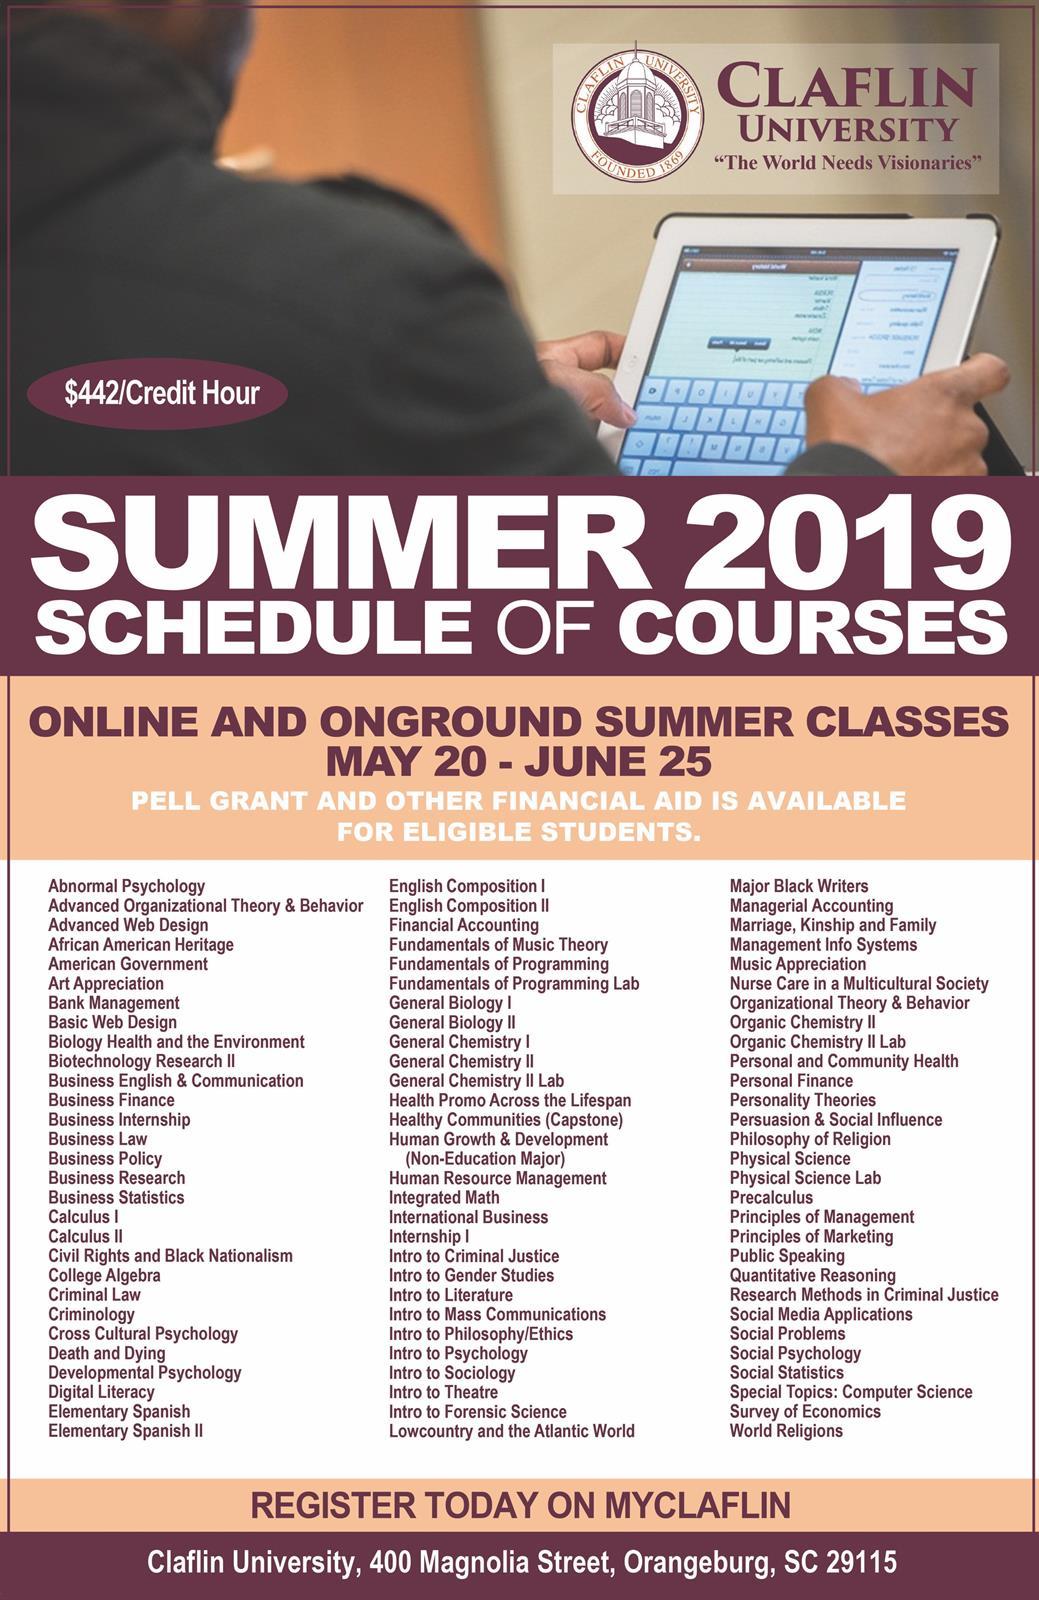 Summer Schedule of classes 2019